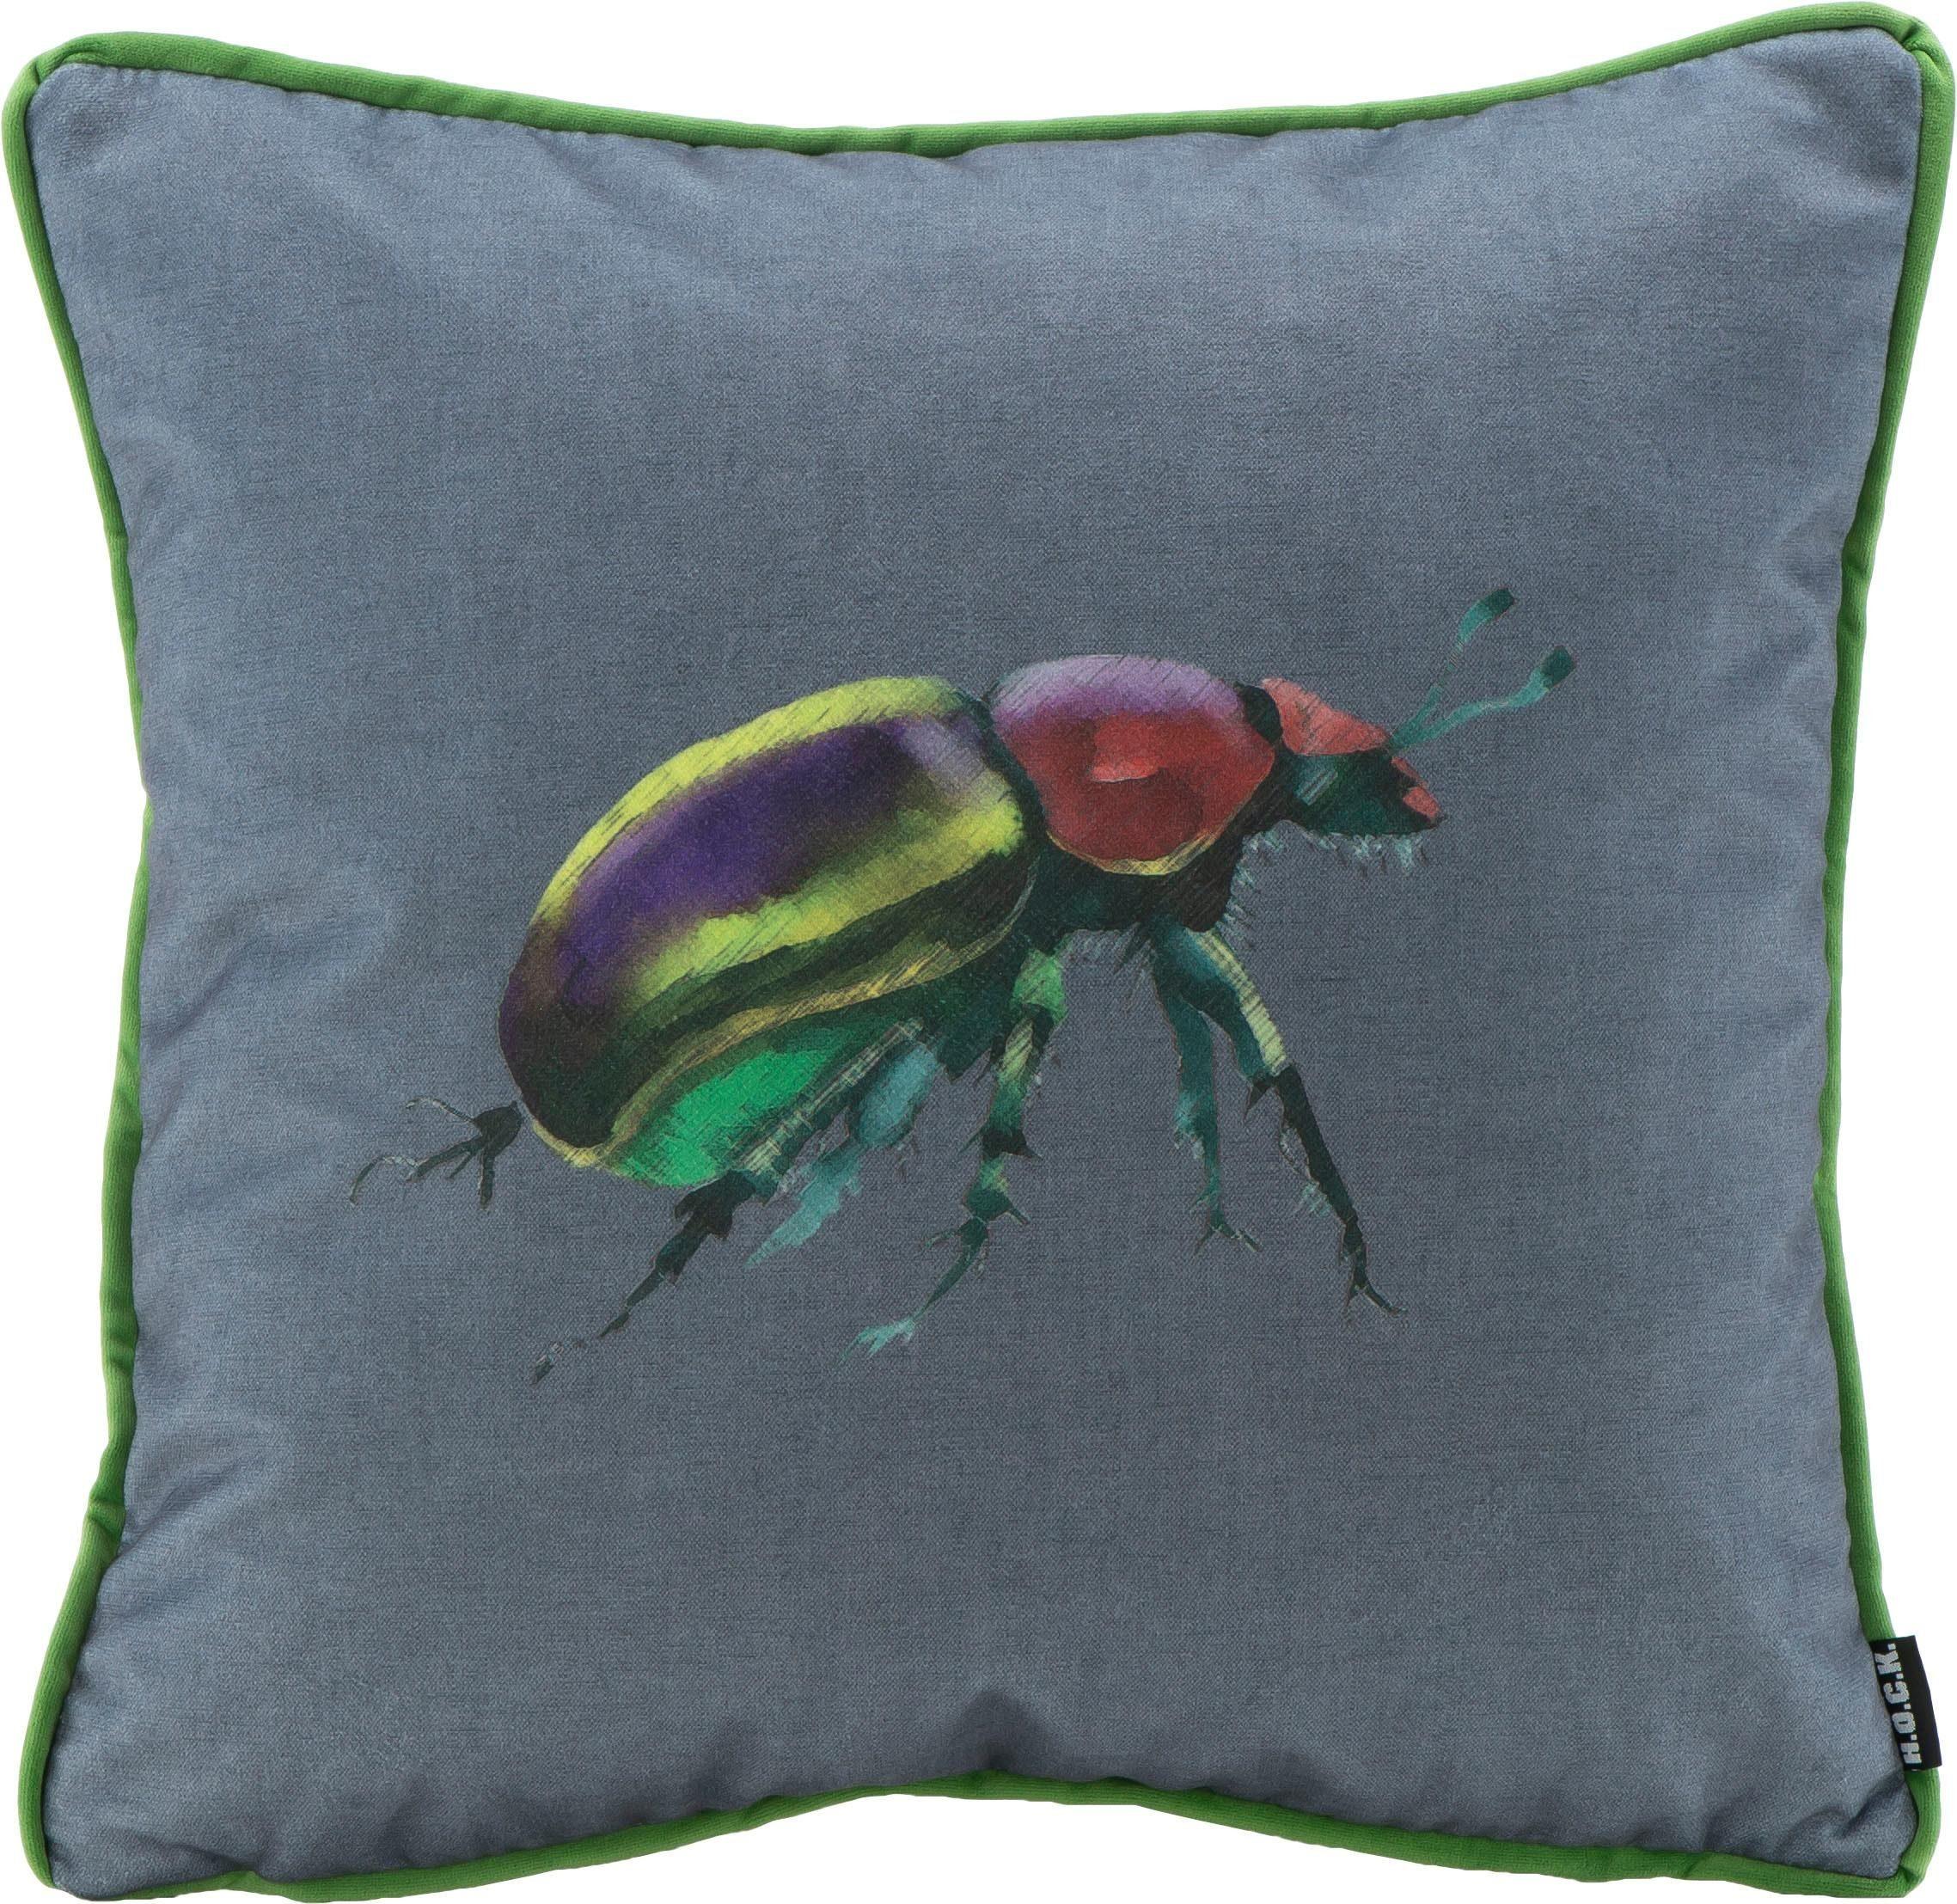 H.o.c.k. Kissen Bugs »Rosenkäfer«, 45/45 cm